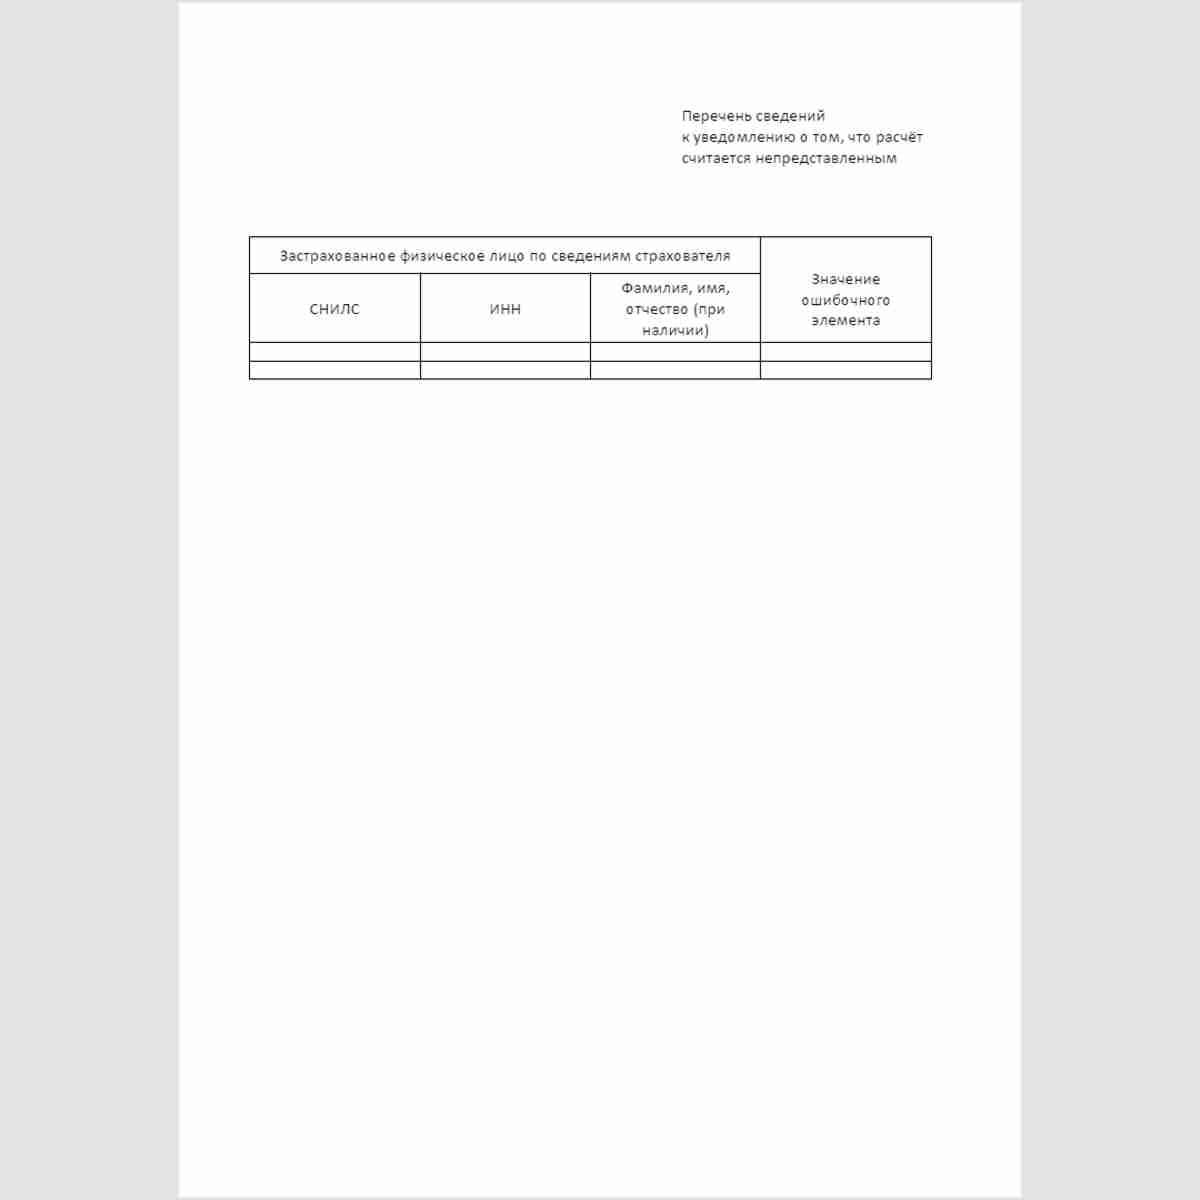 """Форма КНД 1166501 """"Уведомление об отказе в приеме налогового документа, представленного на бумажном носителе и (или) о том, что расчет считается непредставленным"""". Перечень"""